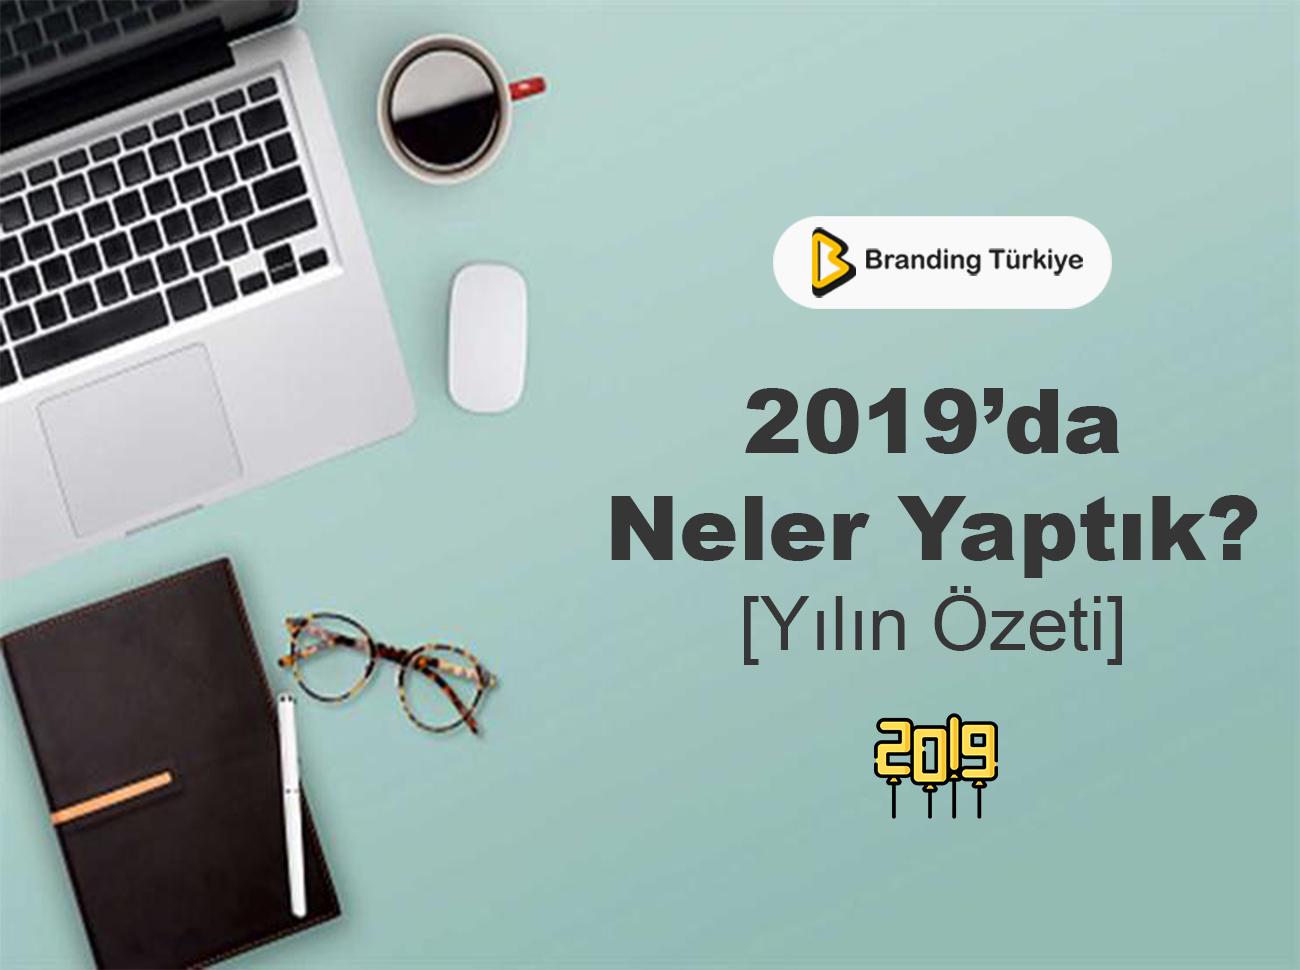 Branding Türkiye 2019'da Ne Yaptı?